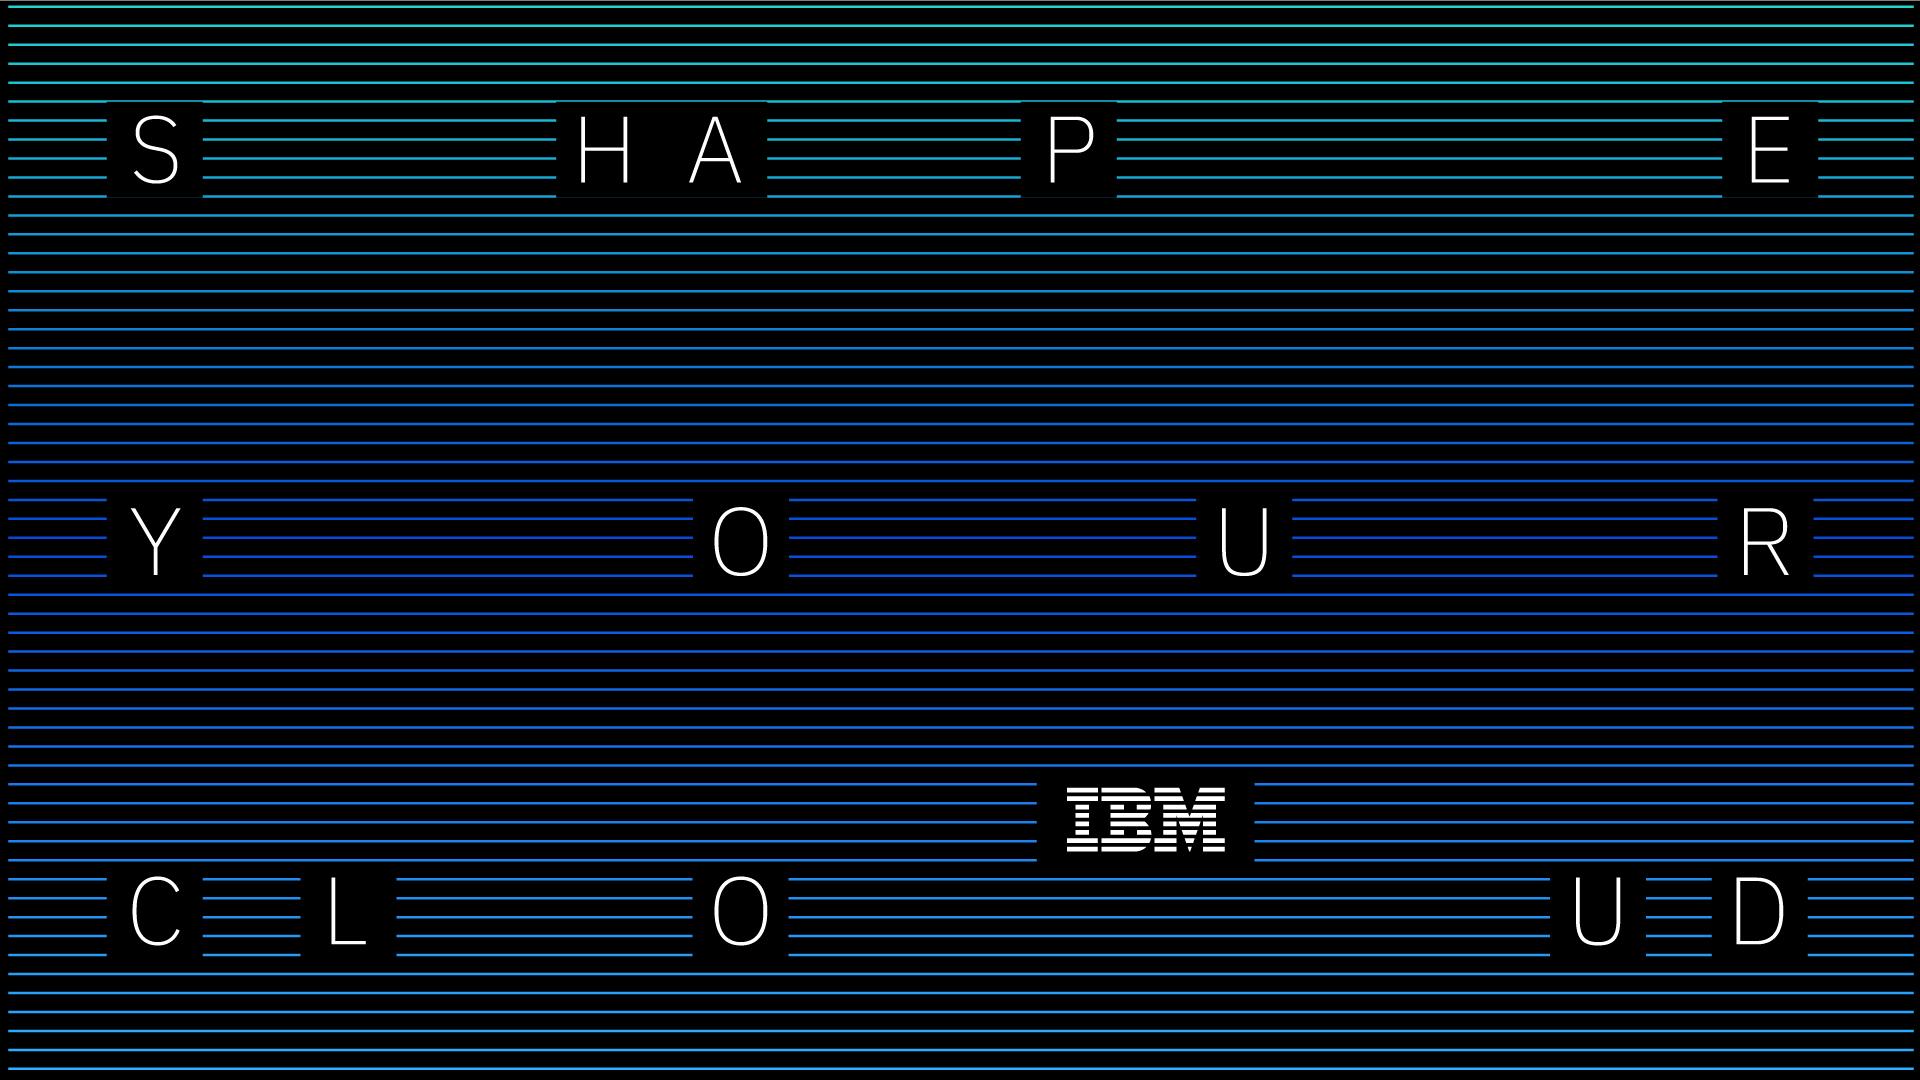 IBM_SHAPE-YOUR-CLOUD_DC_EDITS_BH_IBM-28.jpg